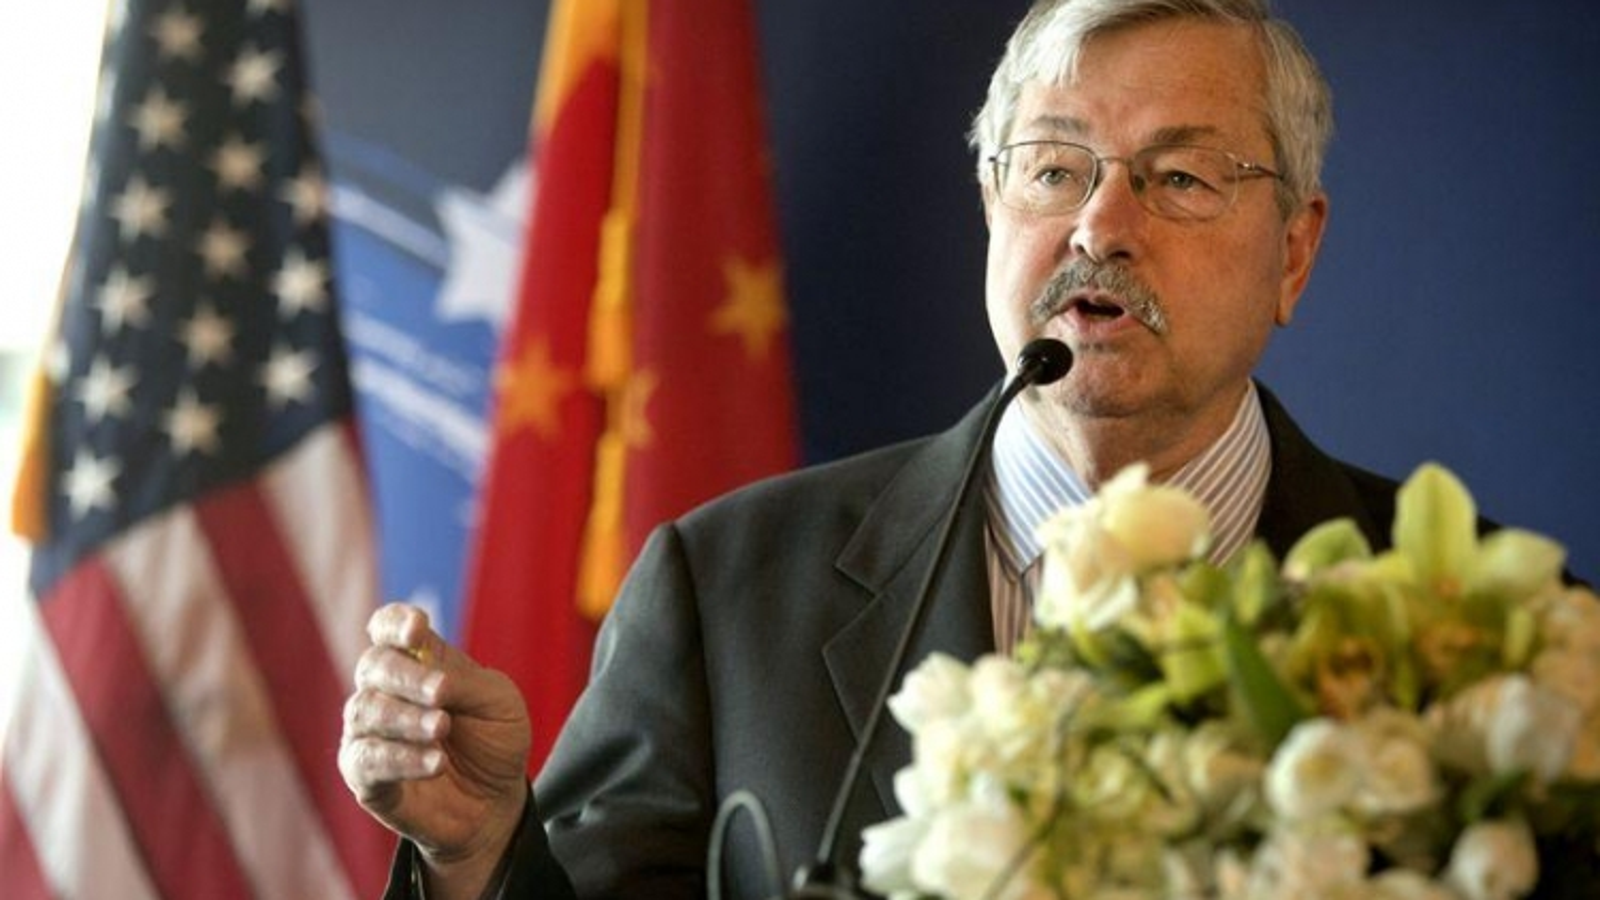 Đại sứ Mỹ tại Trung Quốc từ chức để giúp Tổng thống Trump tranh cử